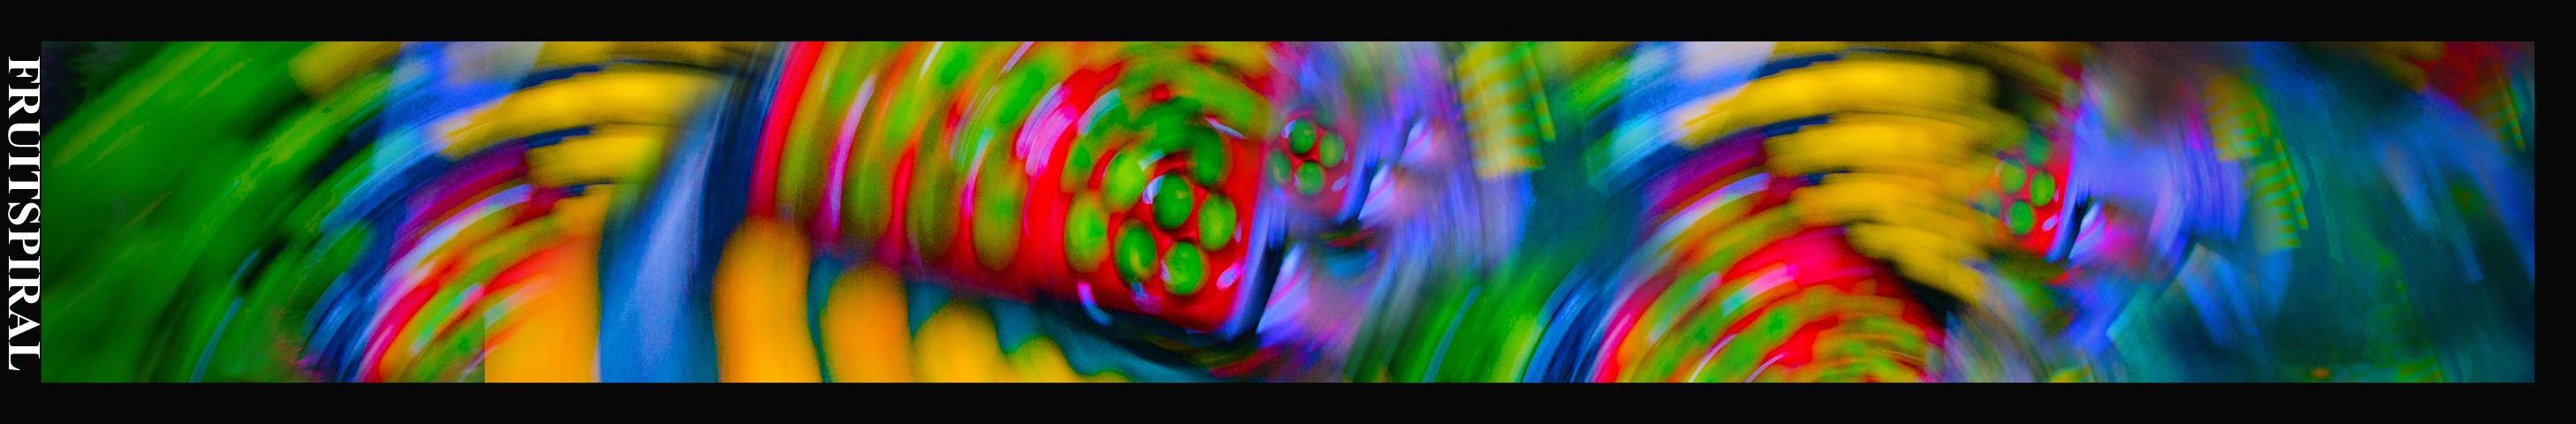 FruitSpiral IEU 8 x 60